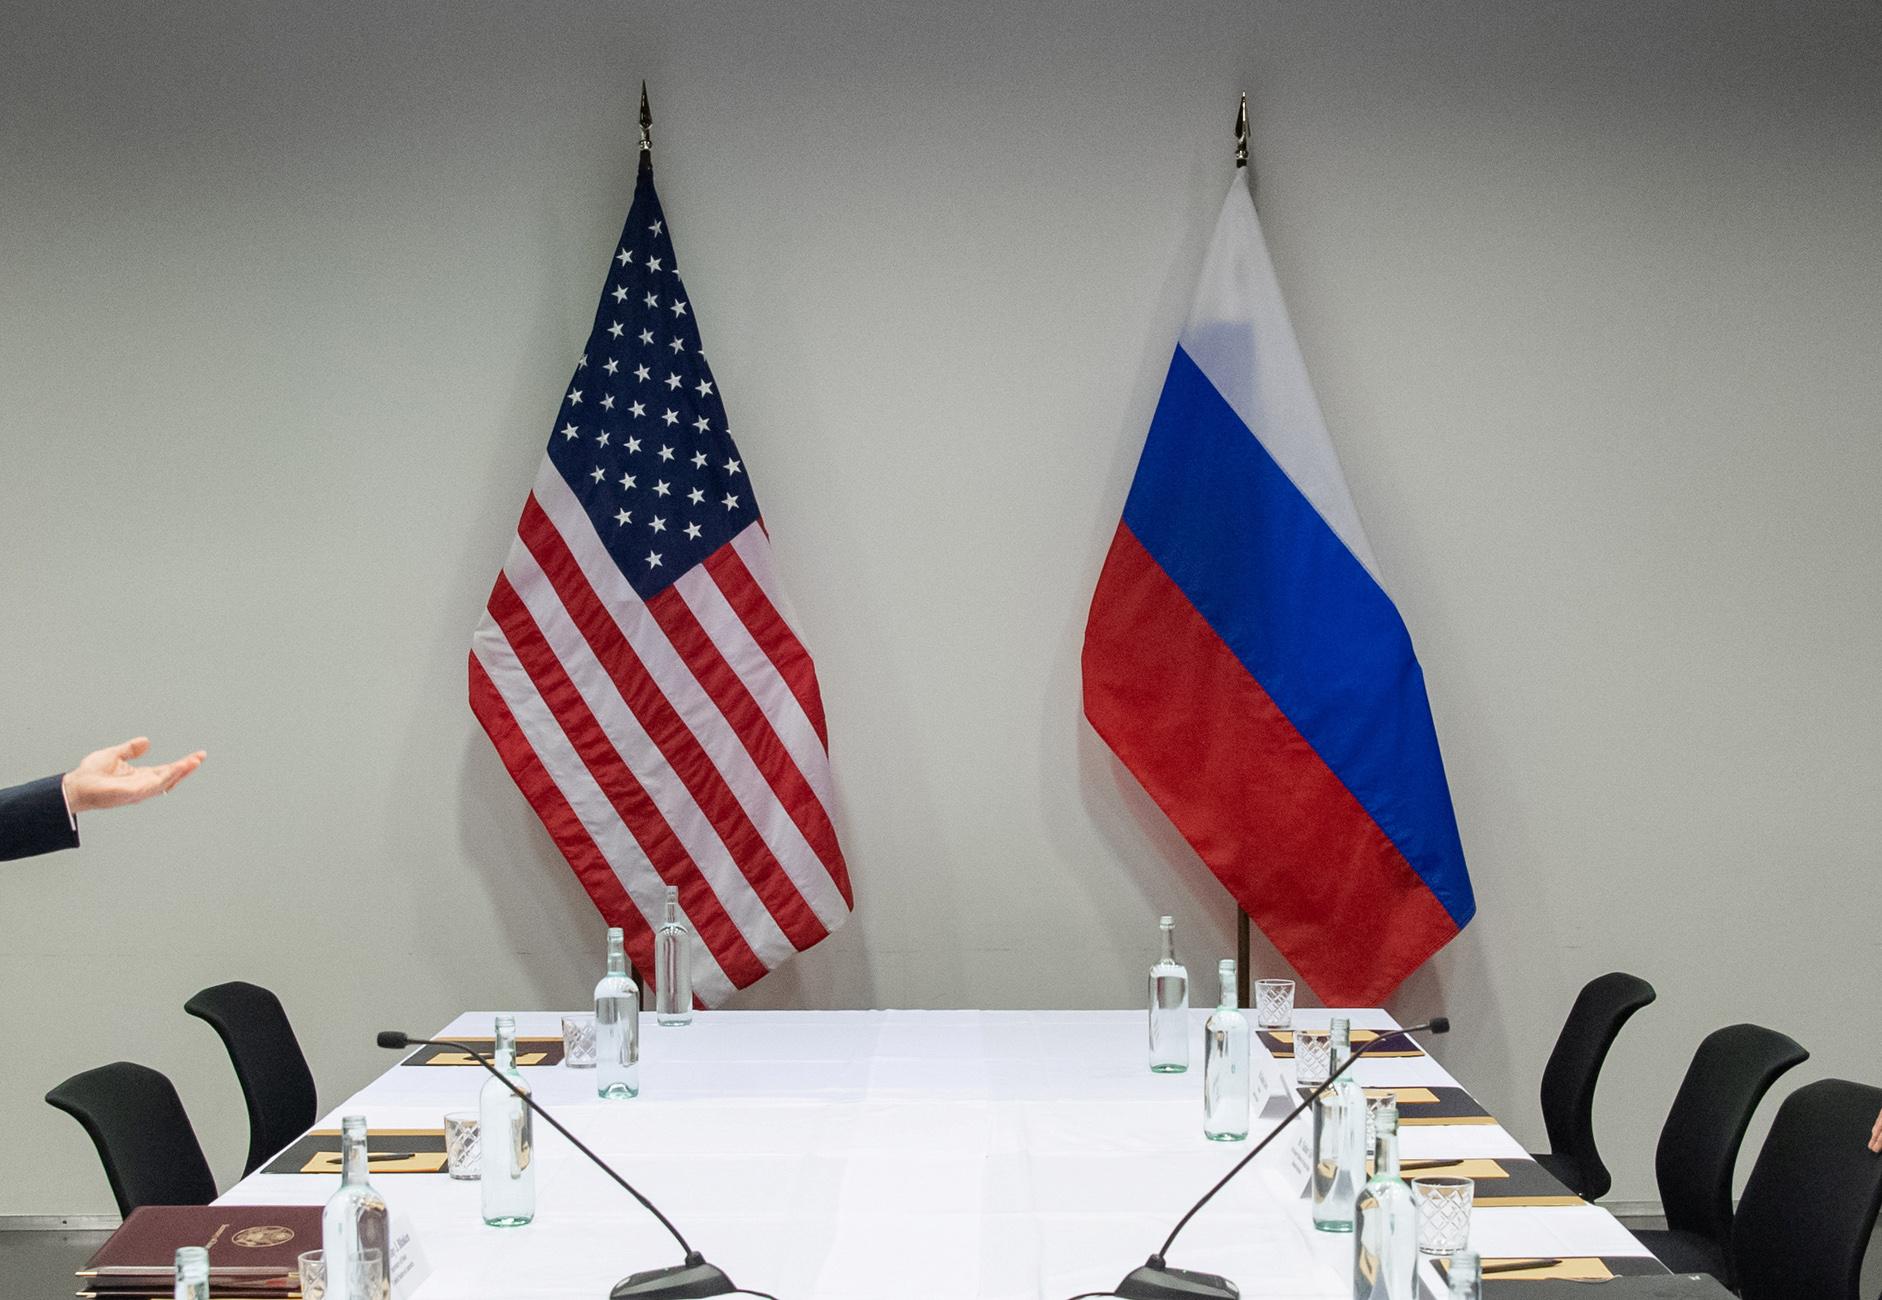 Χαμηλές προσδοκίες ενόψει της συνάντησης Πούτιν – Μπάιντεν